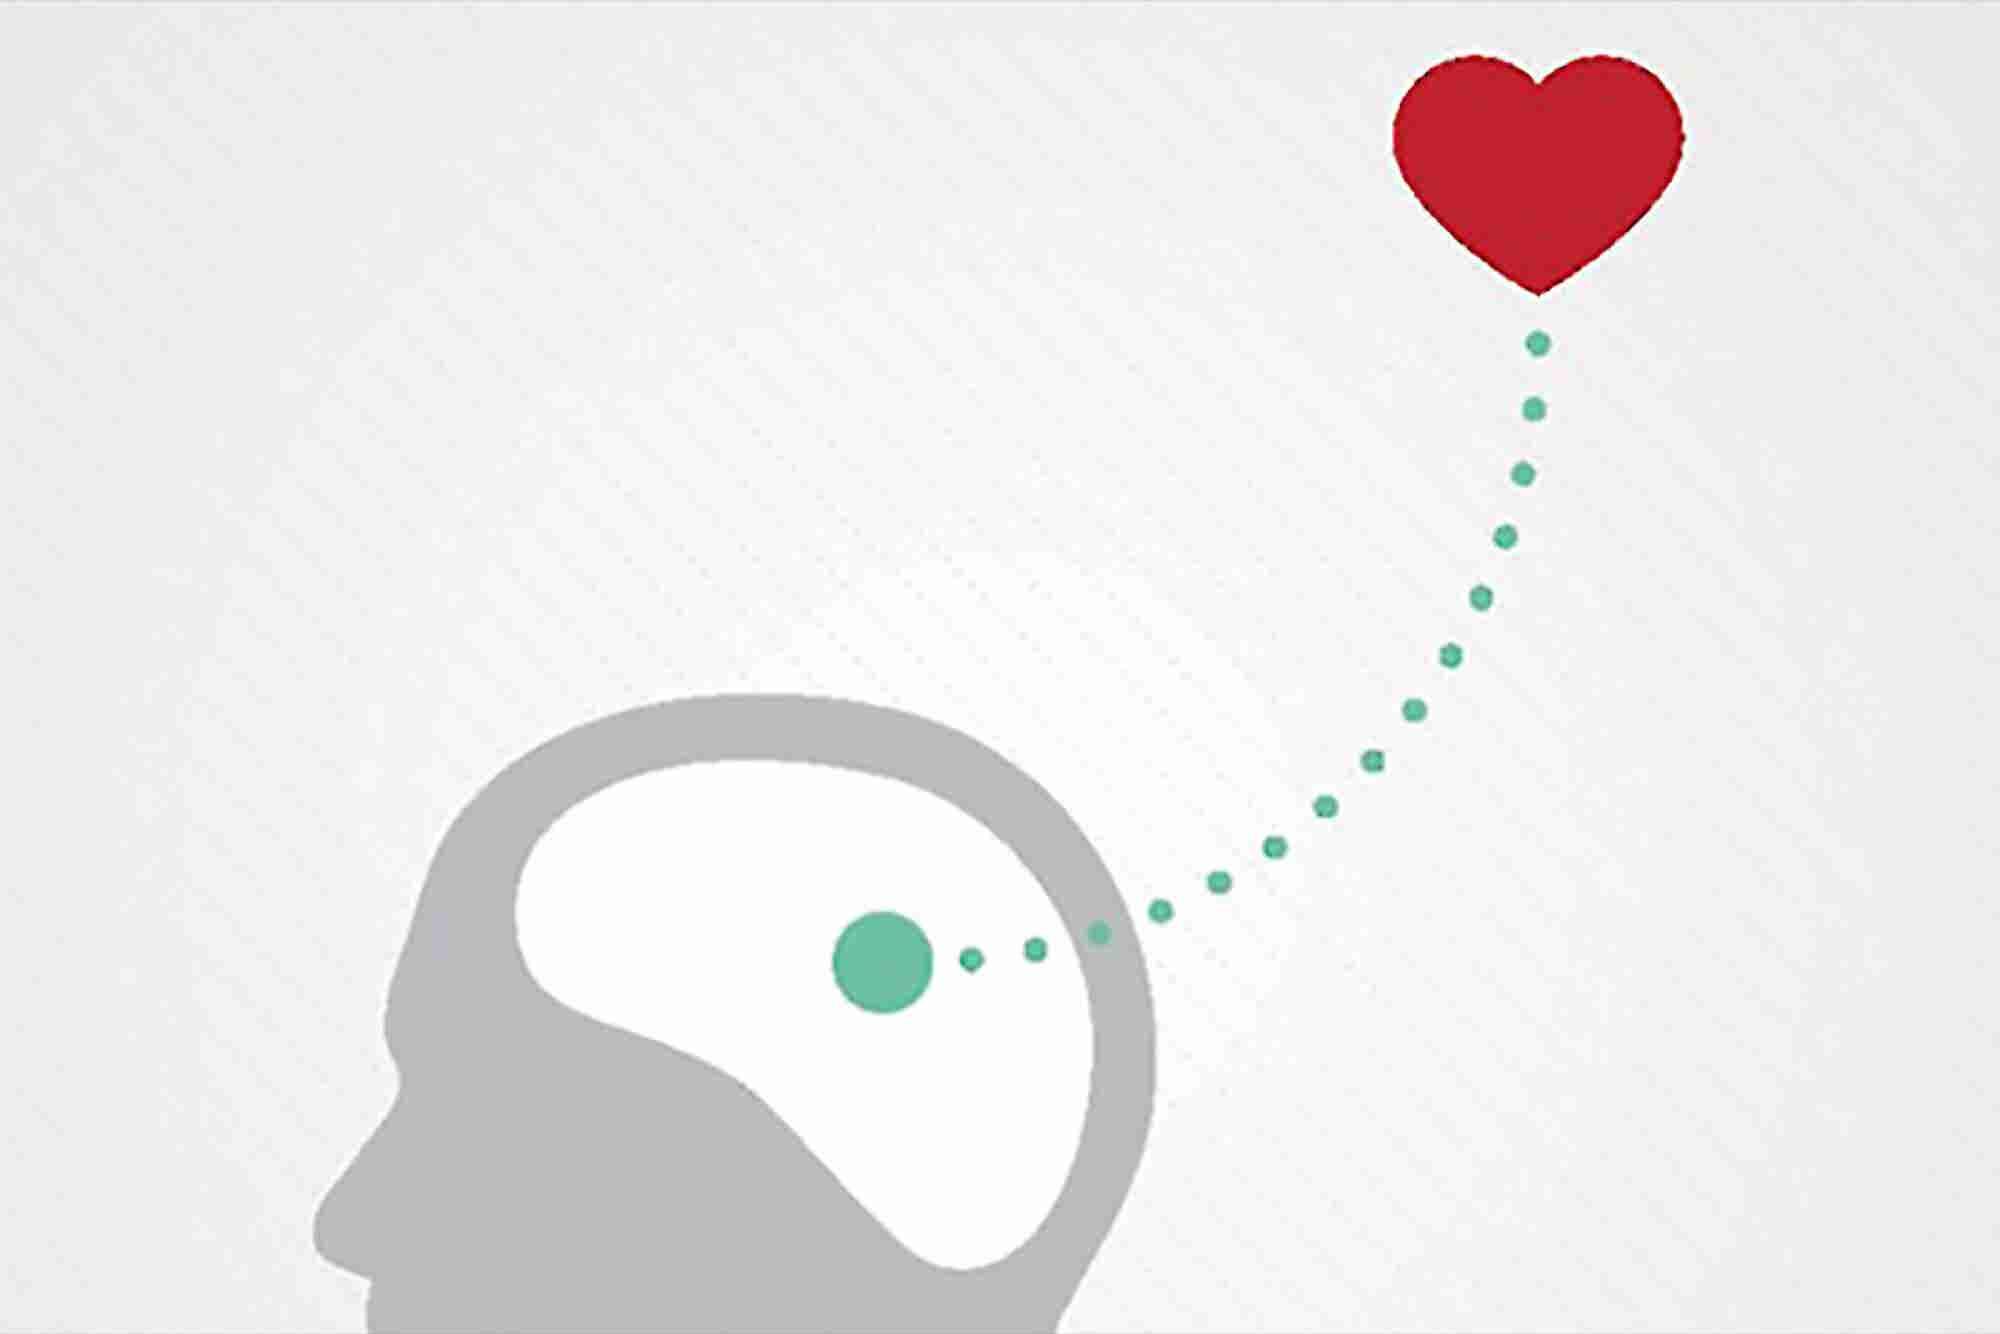 Use Emotional Intelligence to Make More Money